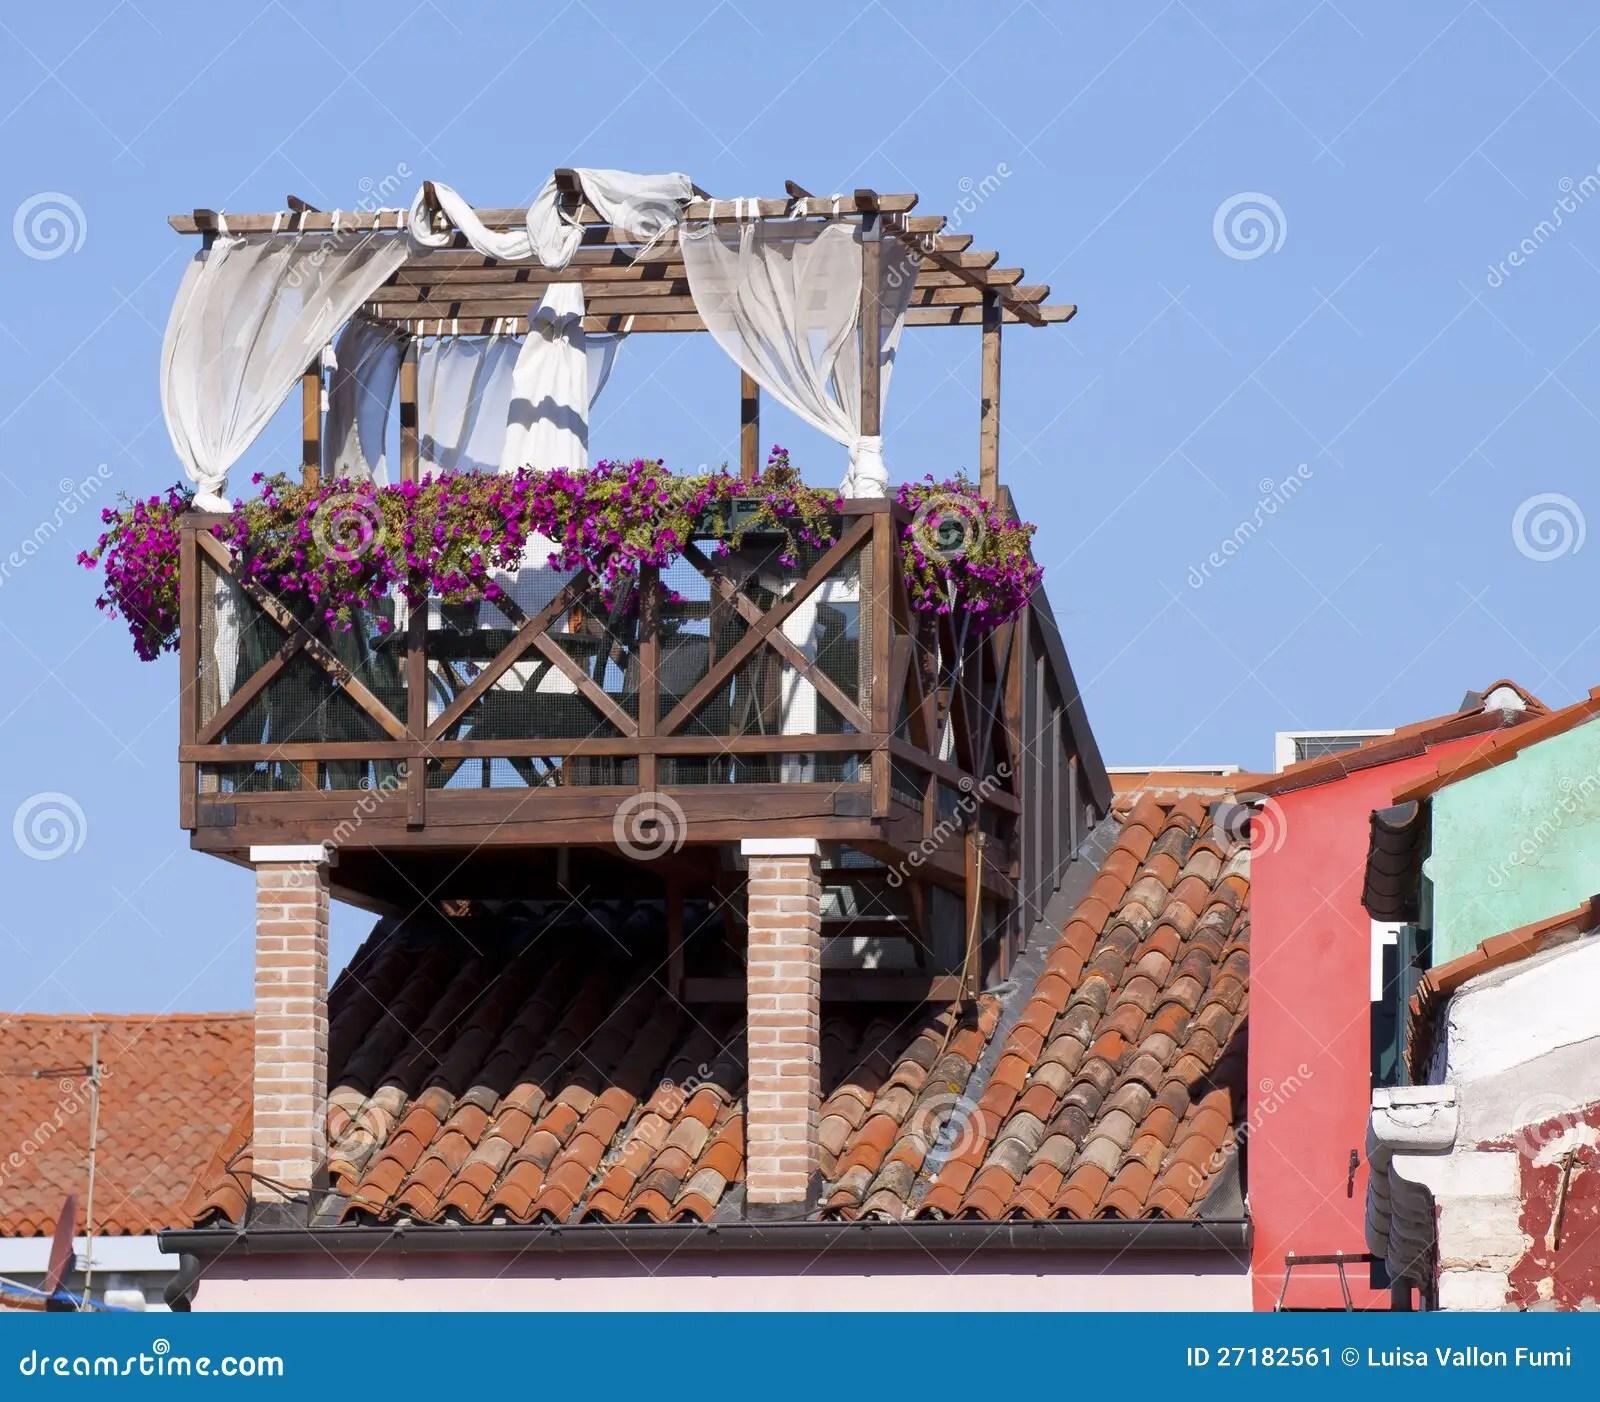 Venezia Terrazzo Sul Tetto Immagine Stock  Immagine di